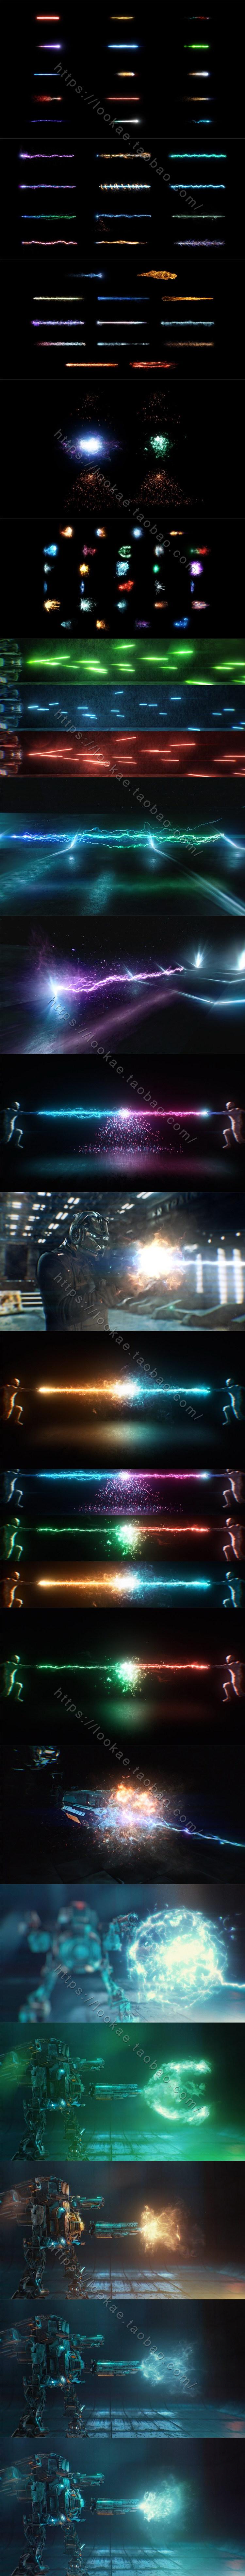 视频素材-115个科幻魔法能量冲击波火焰光线特效合成4K视频素材插图1